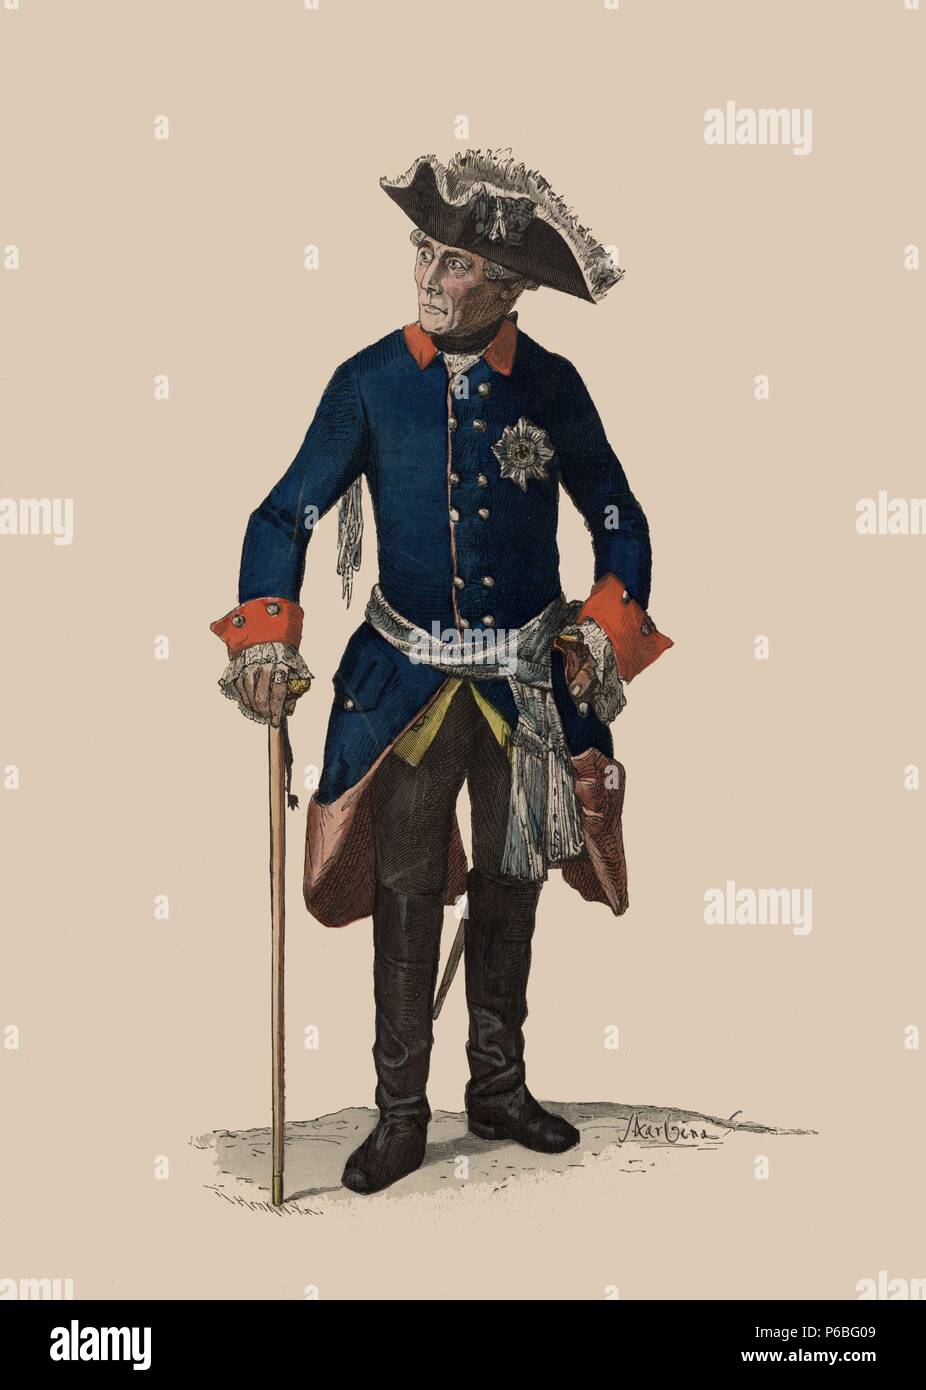 Federico II el Grande de Hohenzollern (1712-1786), rey de Prusia, con uniforme de la guardia de Potsdamer. Grabado alemán del siglo XIX. - Stock Image